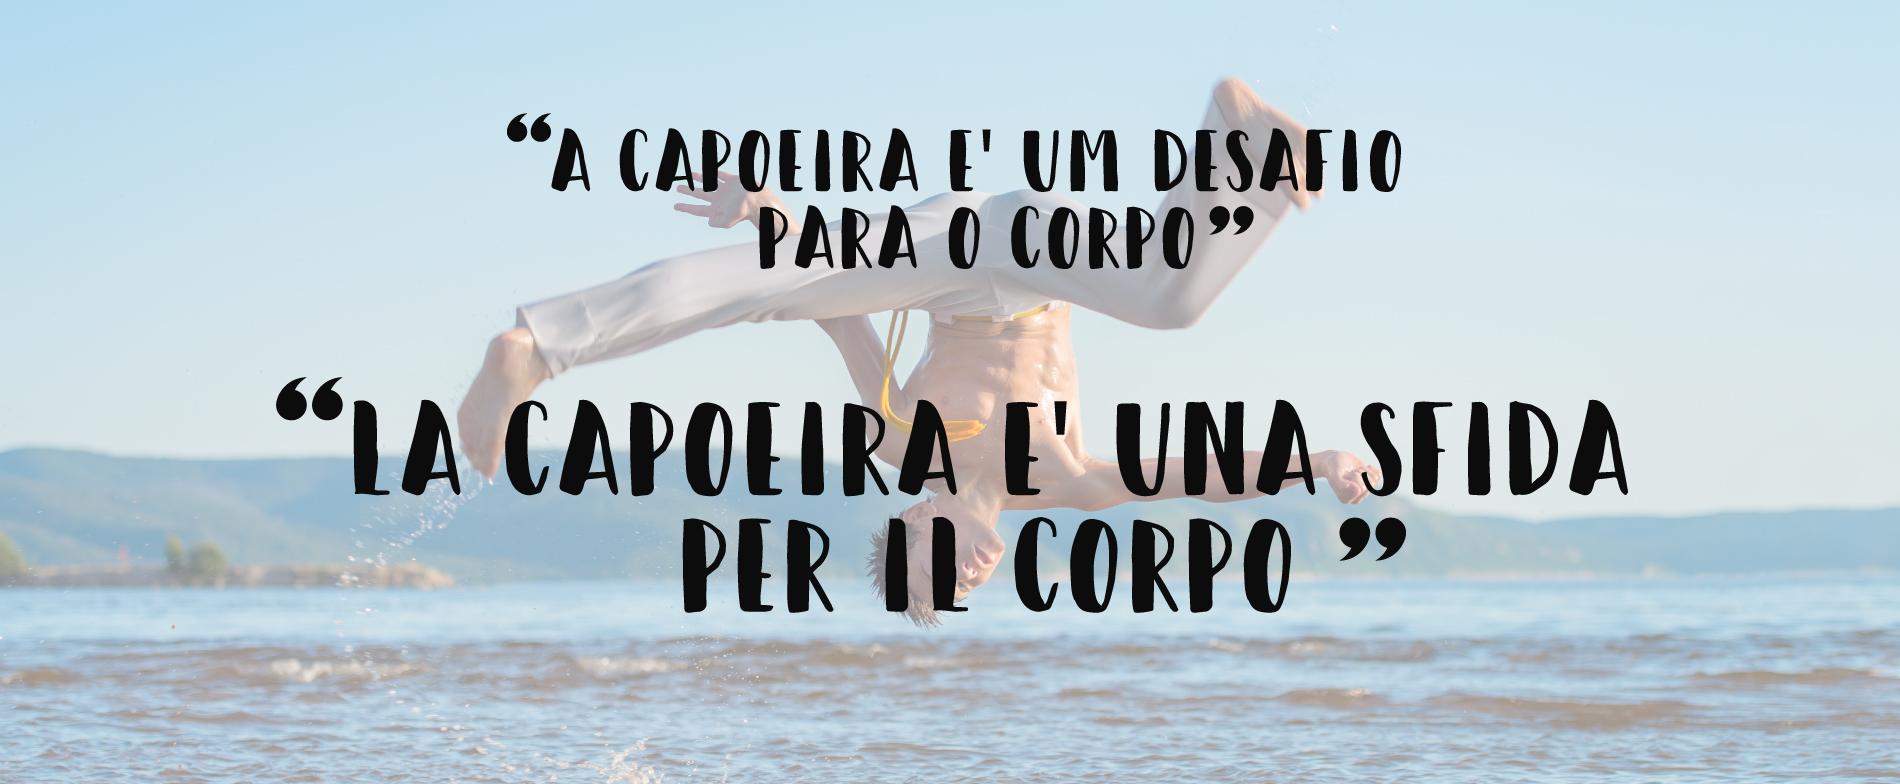 capoeira: frase famosa